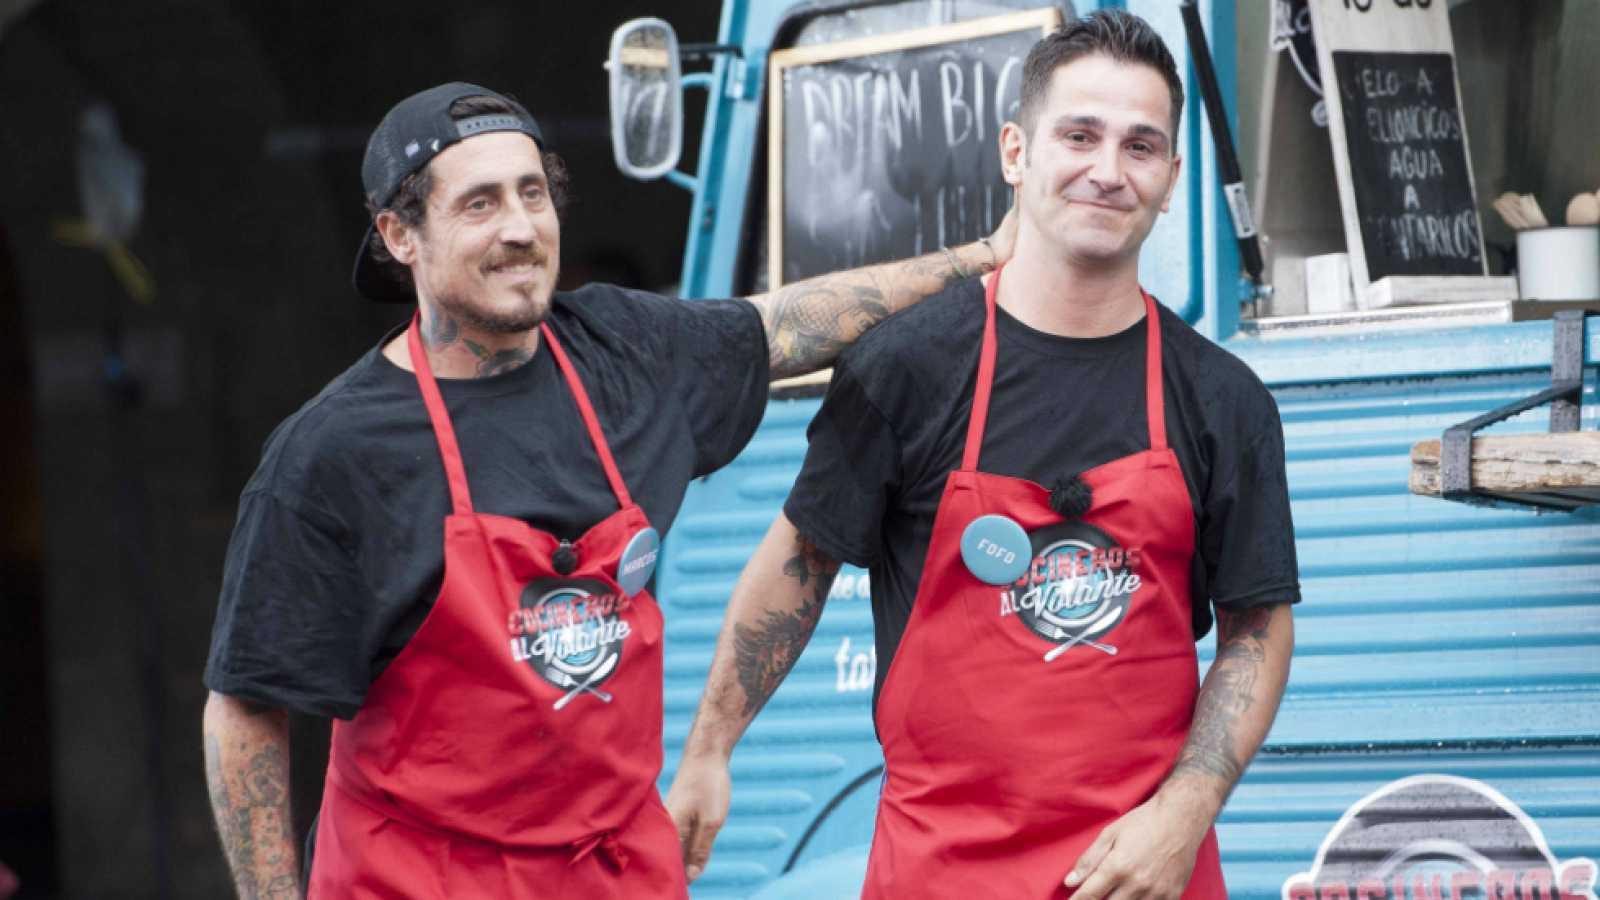 Cocineros al Volante - Brilla Bombilla, la cuarta pareja eliminada de 'Cocineros al Volante'